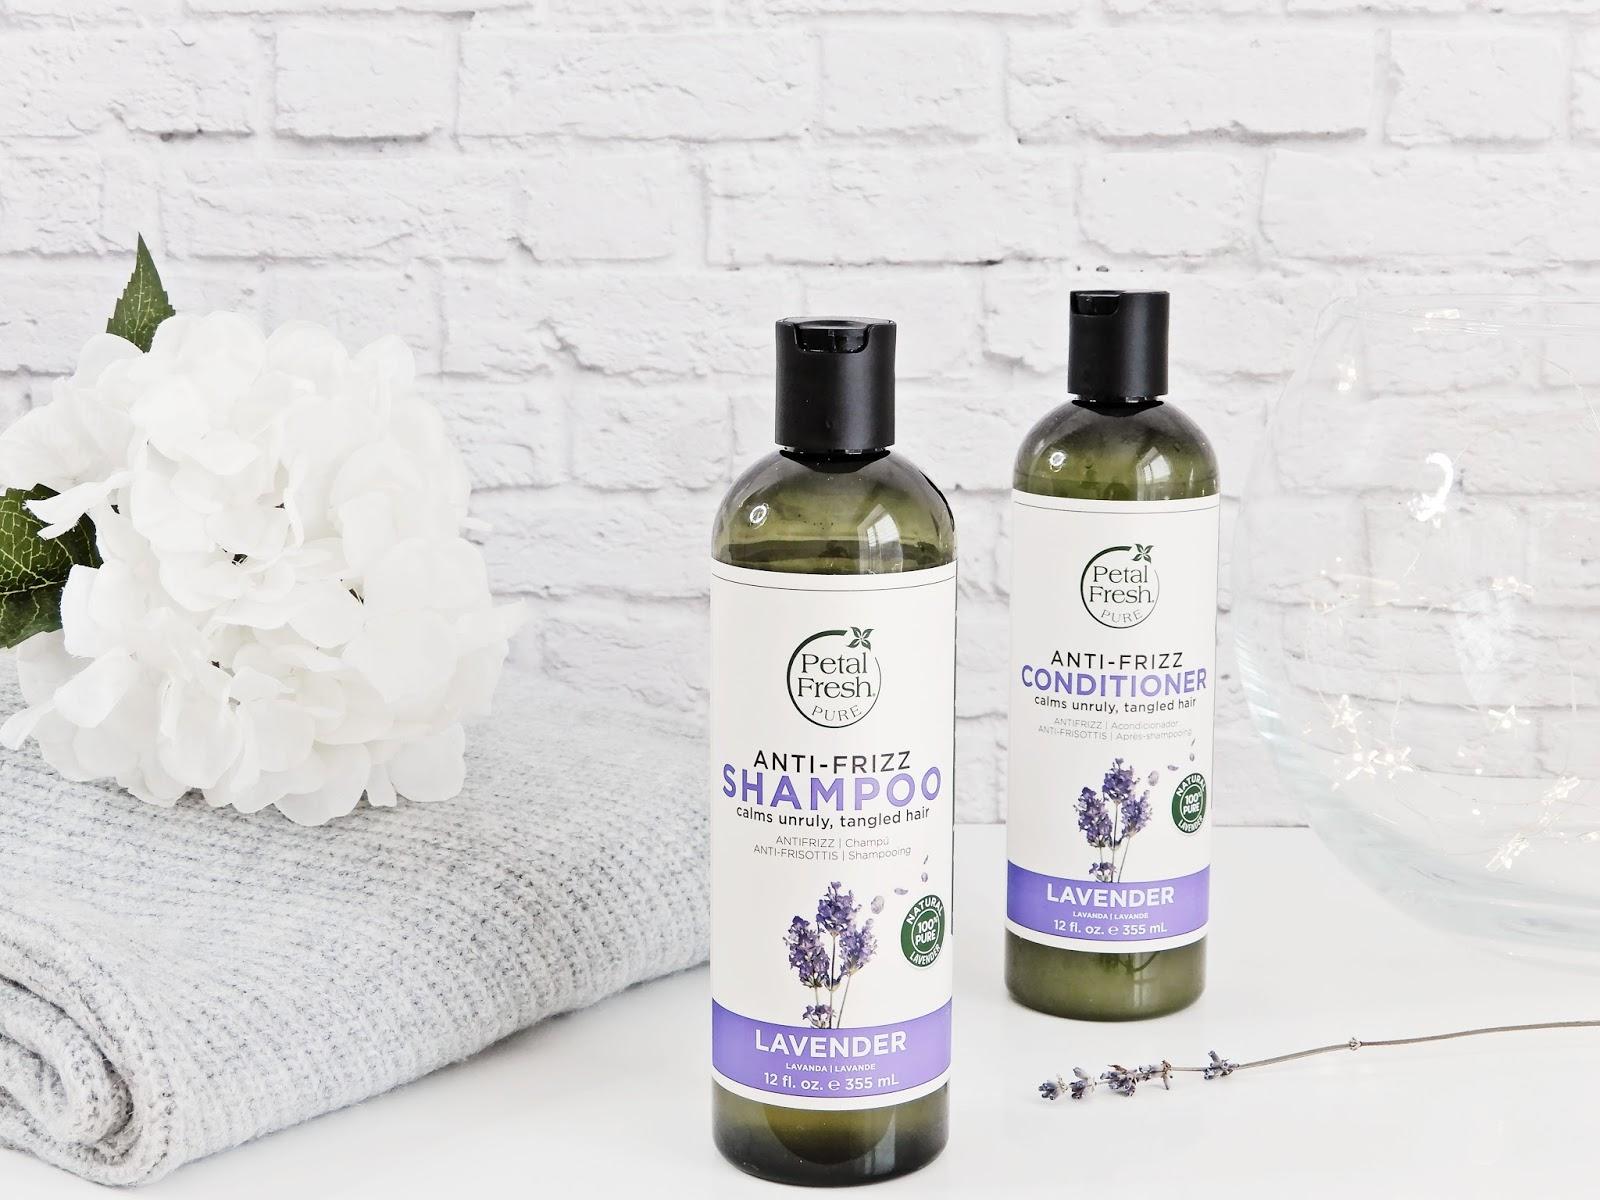 Petal Fresh szampon do włosów i odżywka lawenda, Petal Fresh odżywka do włosów lawenda,